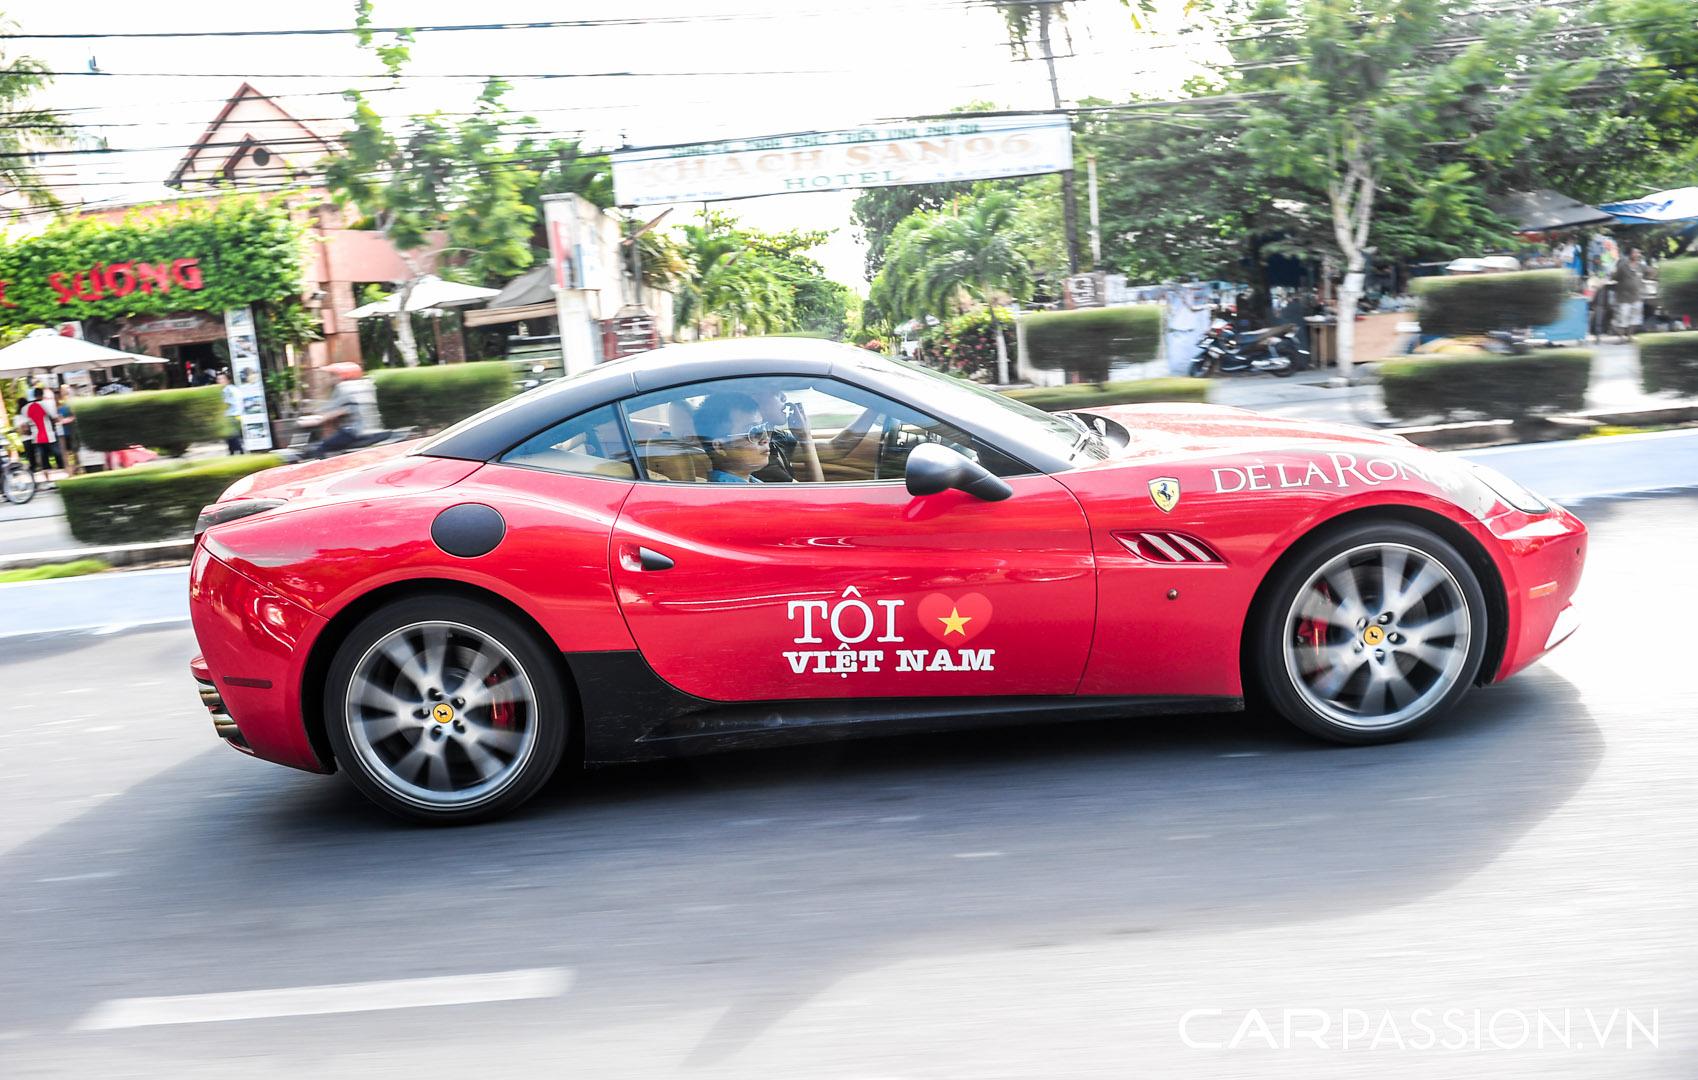 CP-Hành trình siêu xe CarPassion 2011 Day 2 (381).jpg